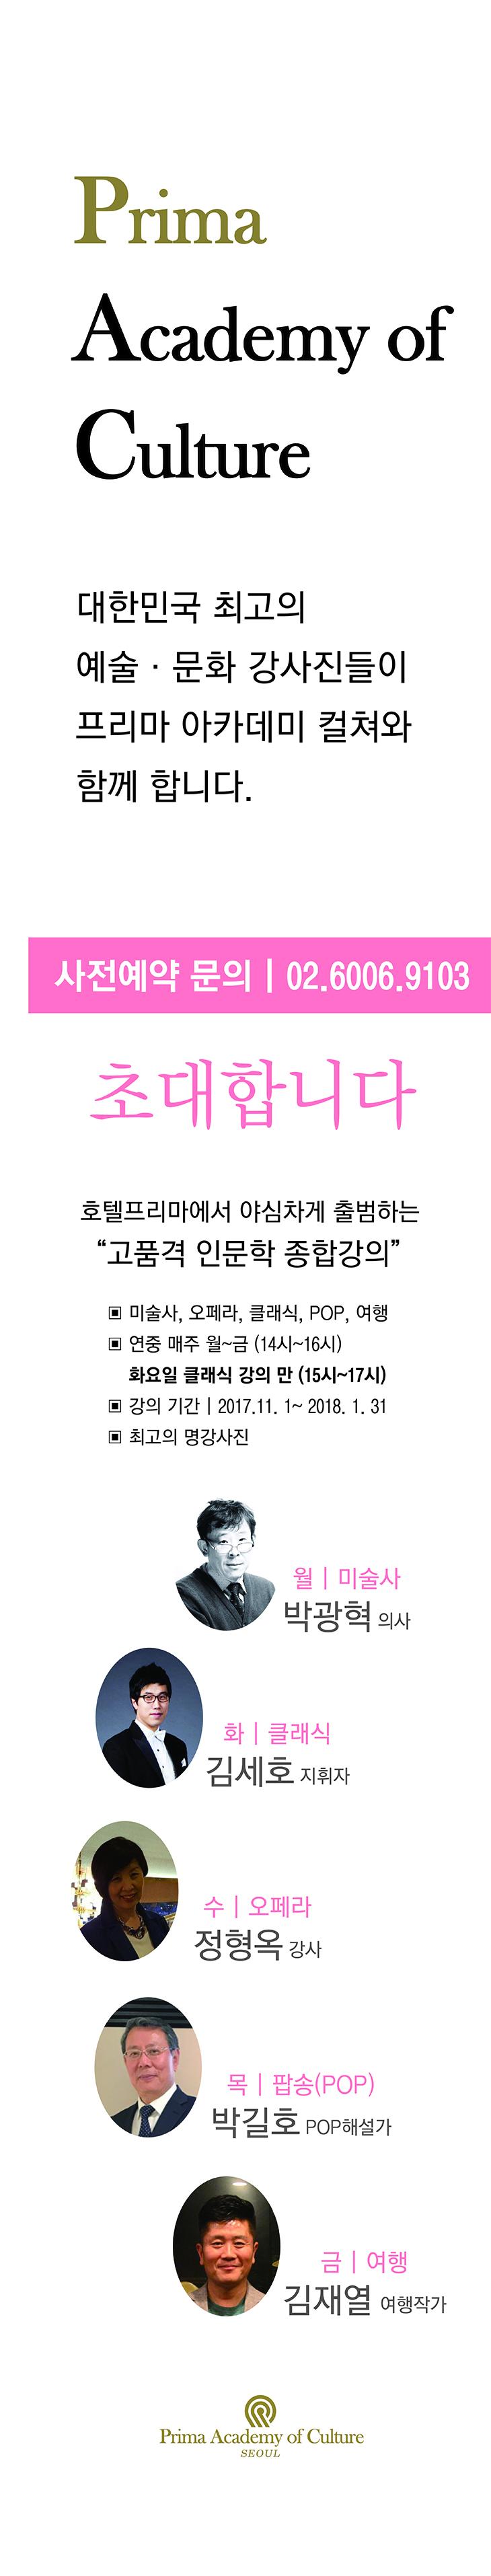 20171013_아로파 컬쳐 아카데미_detail.jpg